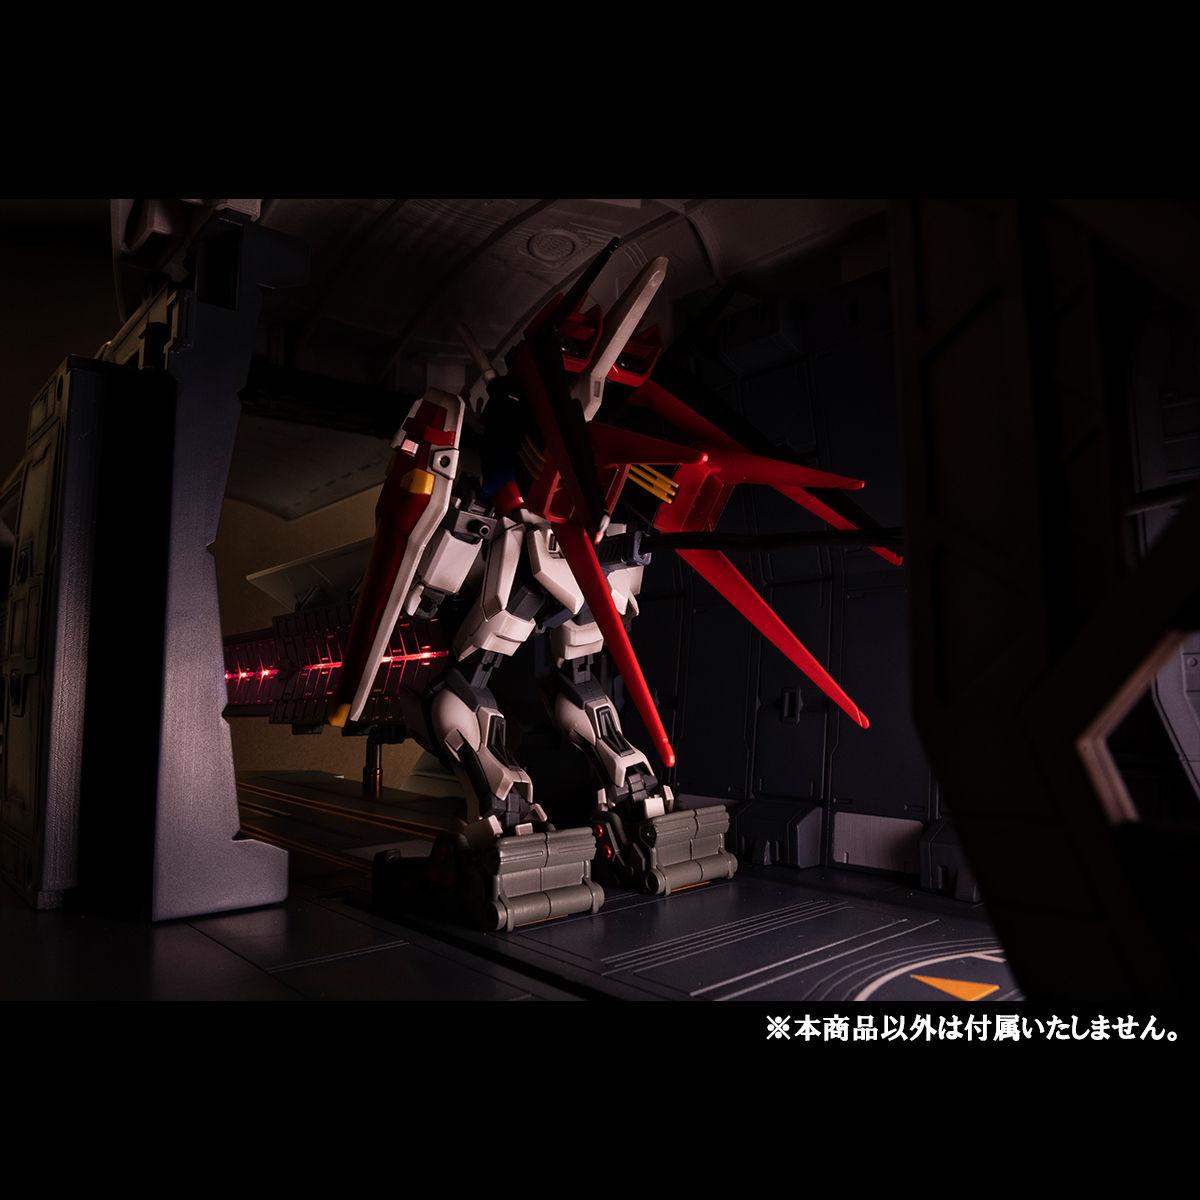 【限定販売】Realistic Model Series『1/144 HGシリーズ用 アークエンジェルカタパルトデッキ』ガンダムSEED 半完成キット-009